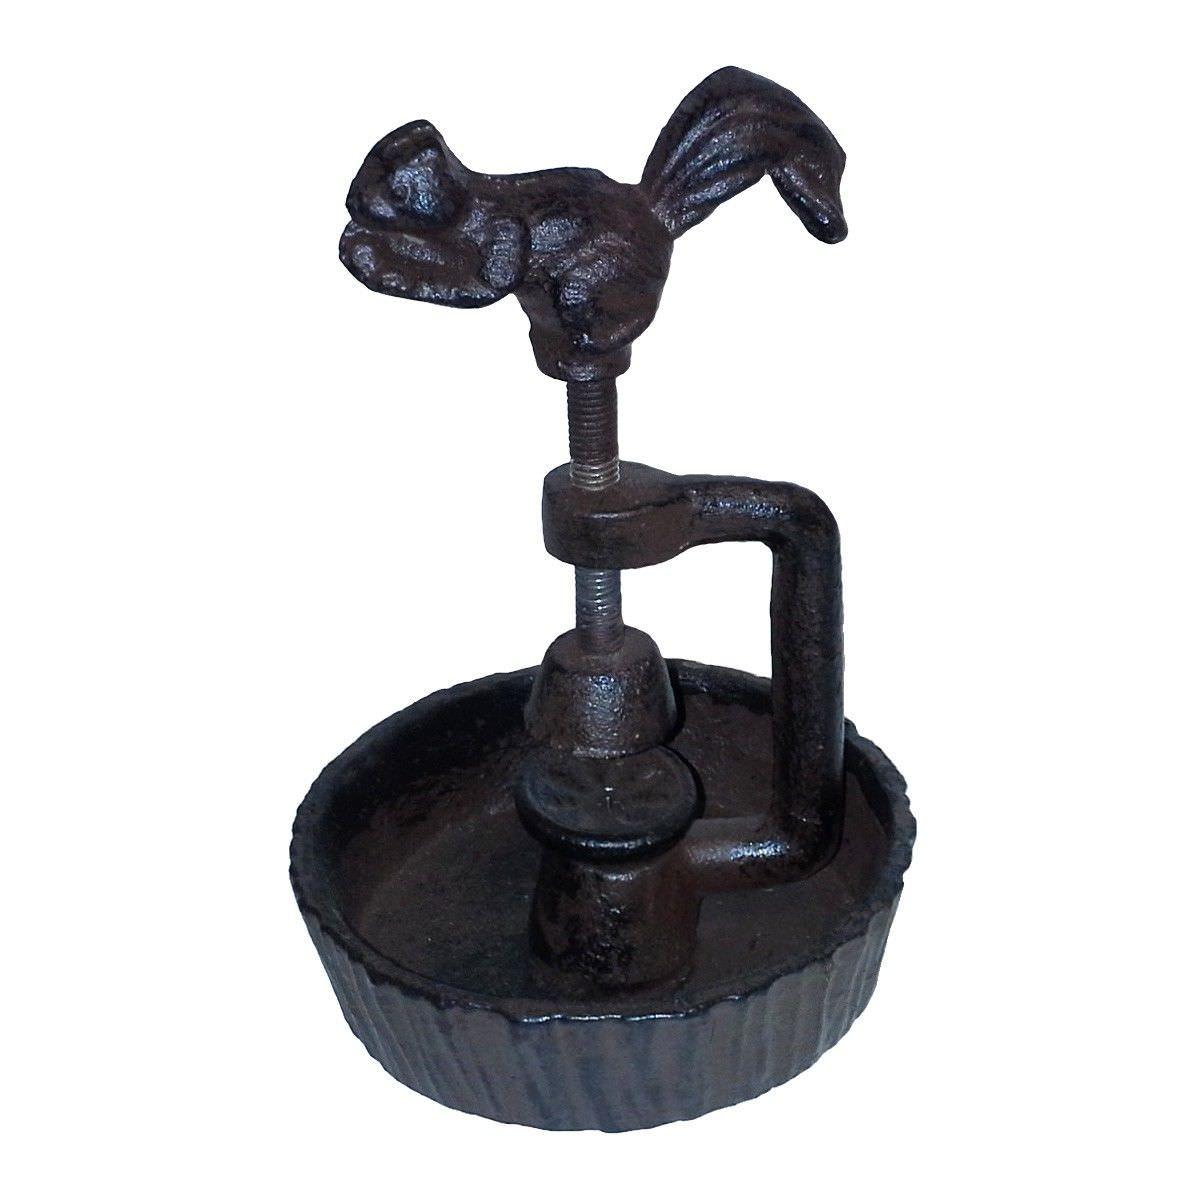 Cast Iron Squirrel Screw Nut Cracker, Antique Rust